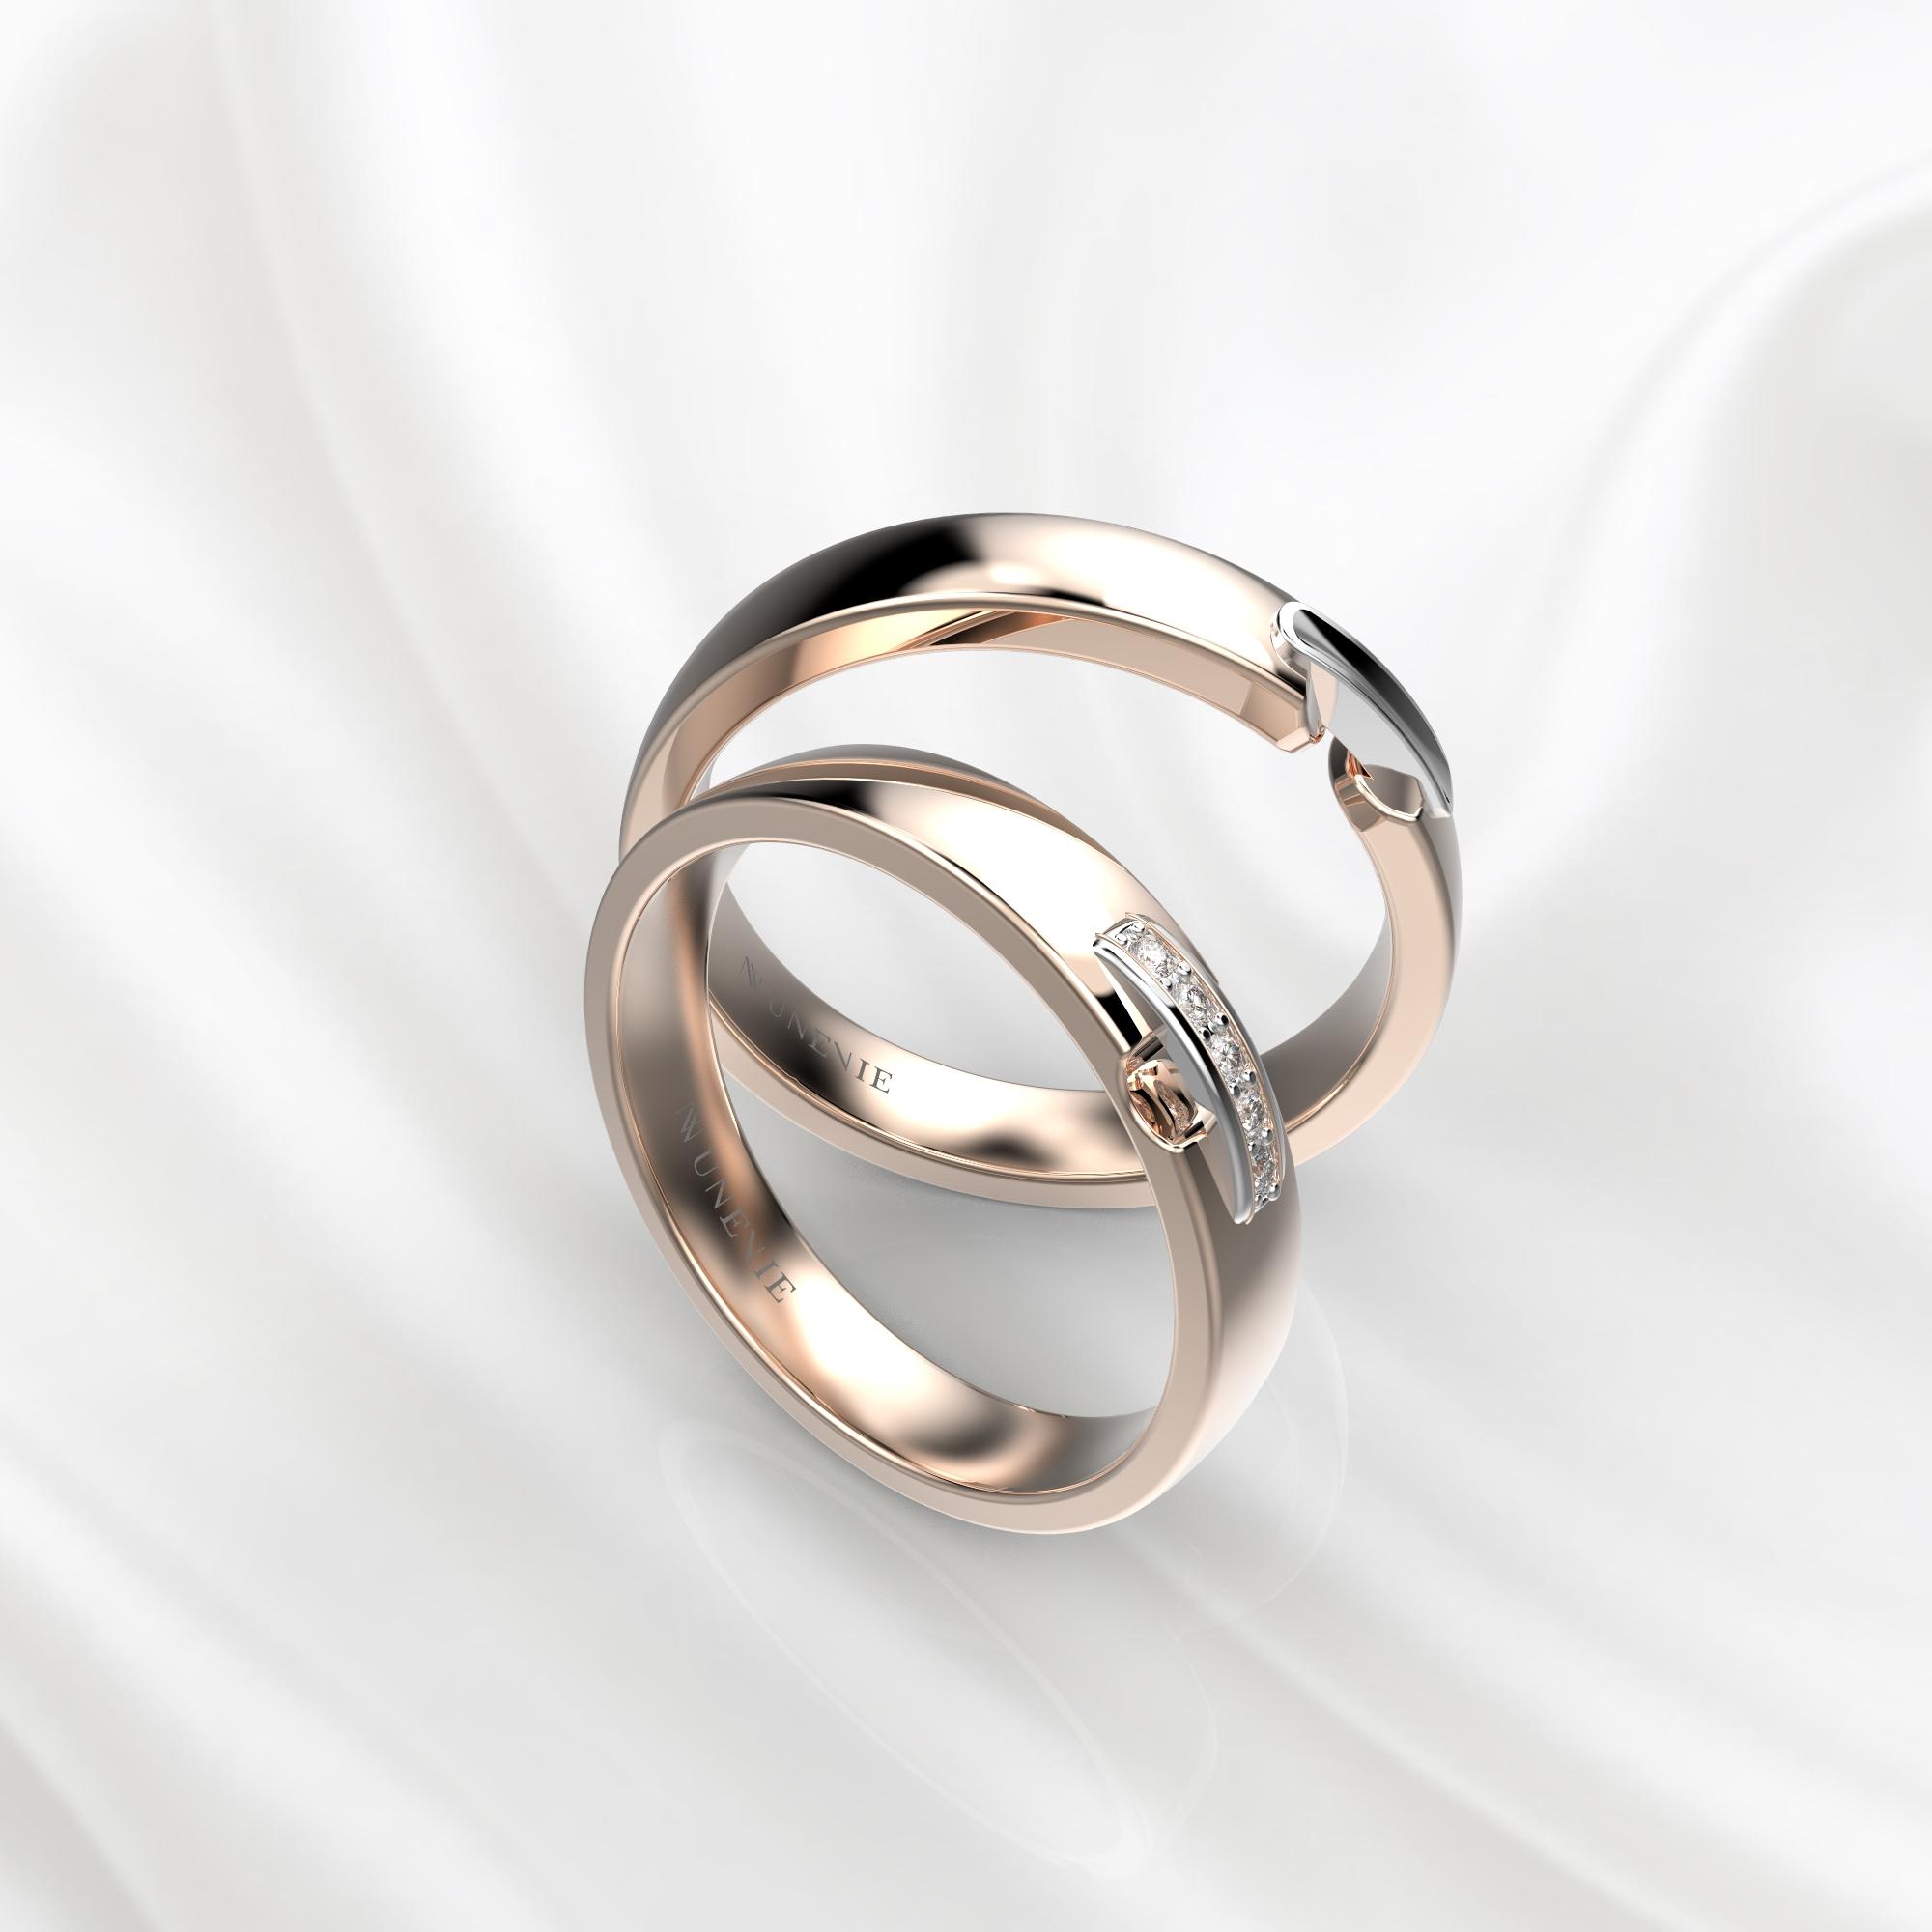 NV65 Парные обручальные кольца из розово-белого золота с бриллиантами